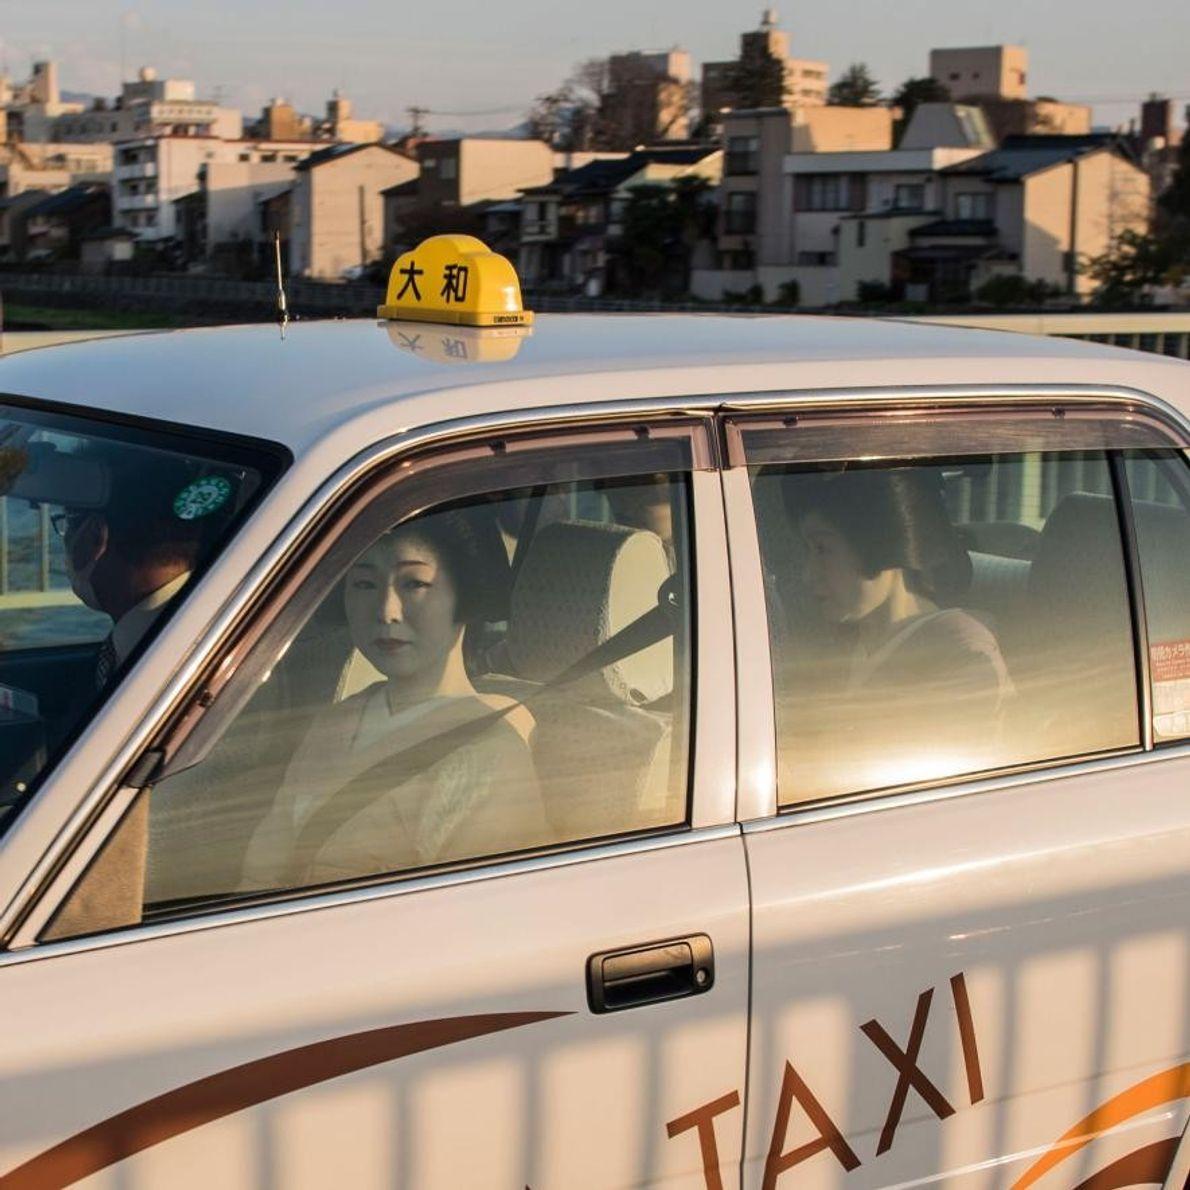 À Kanazawa, les quartiers des geisha existent depuis des centaines d'années. Les taxis sont apparus plus ...